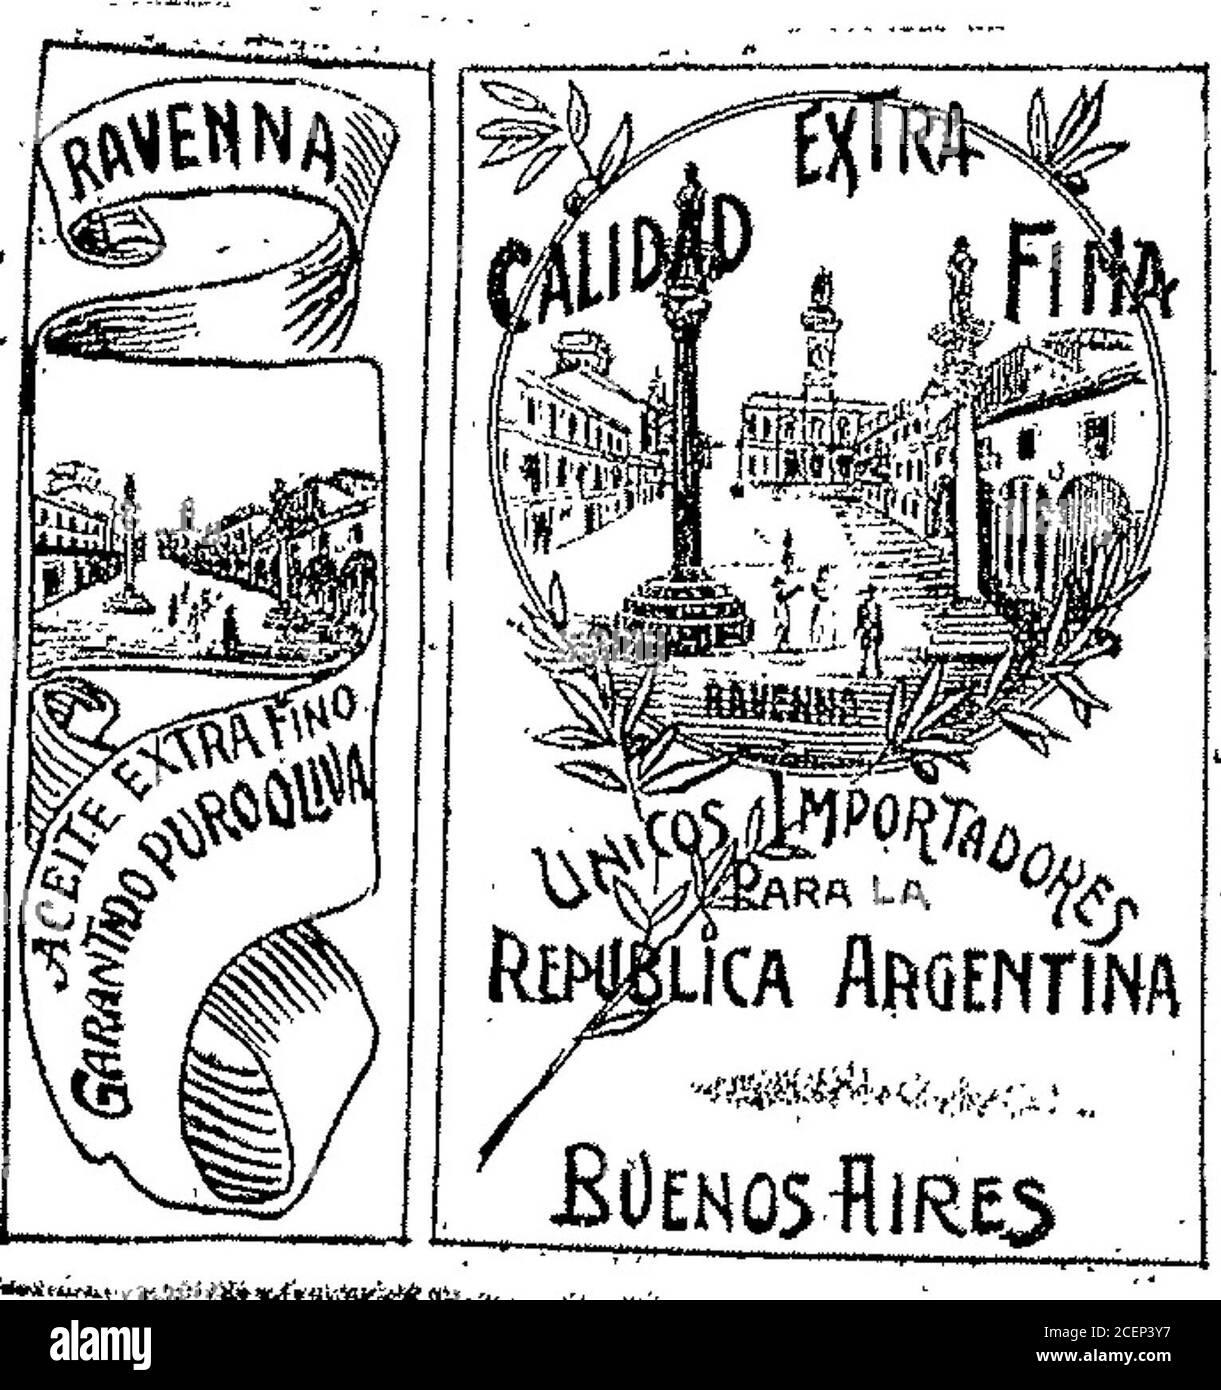 . Boletín Oficial de la República Argentina. 1910 1ra sección. Acta-no. 30.072 fe-- Octubre 3 de I910.-Meudel y Cía. ~-Artículos de las clases 1 á l1), lecheríay cintas cinematográficas, clase JO.- v-10 octubre. 3—. , .,. — ¡i Acta no 31.070 Abril 9 de 1910. Pretto y Co. — conservas en general, clase 62.(modifi-cada). .... ,v-10 octubre. Acta no. 31.071 m*¡WTF.. ica ArgentinaBuenos-Aires « UXbXigMgftKAItiiL- ■ íis-s.-te.-js,.,,, Octubre 3 de 910. - Antonino Di Guillo. — Artículos de las clases 61 á 71. v-10 octubre. Acta ¡no. 29218 Foto de stock